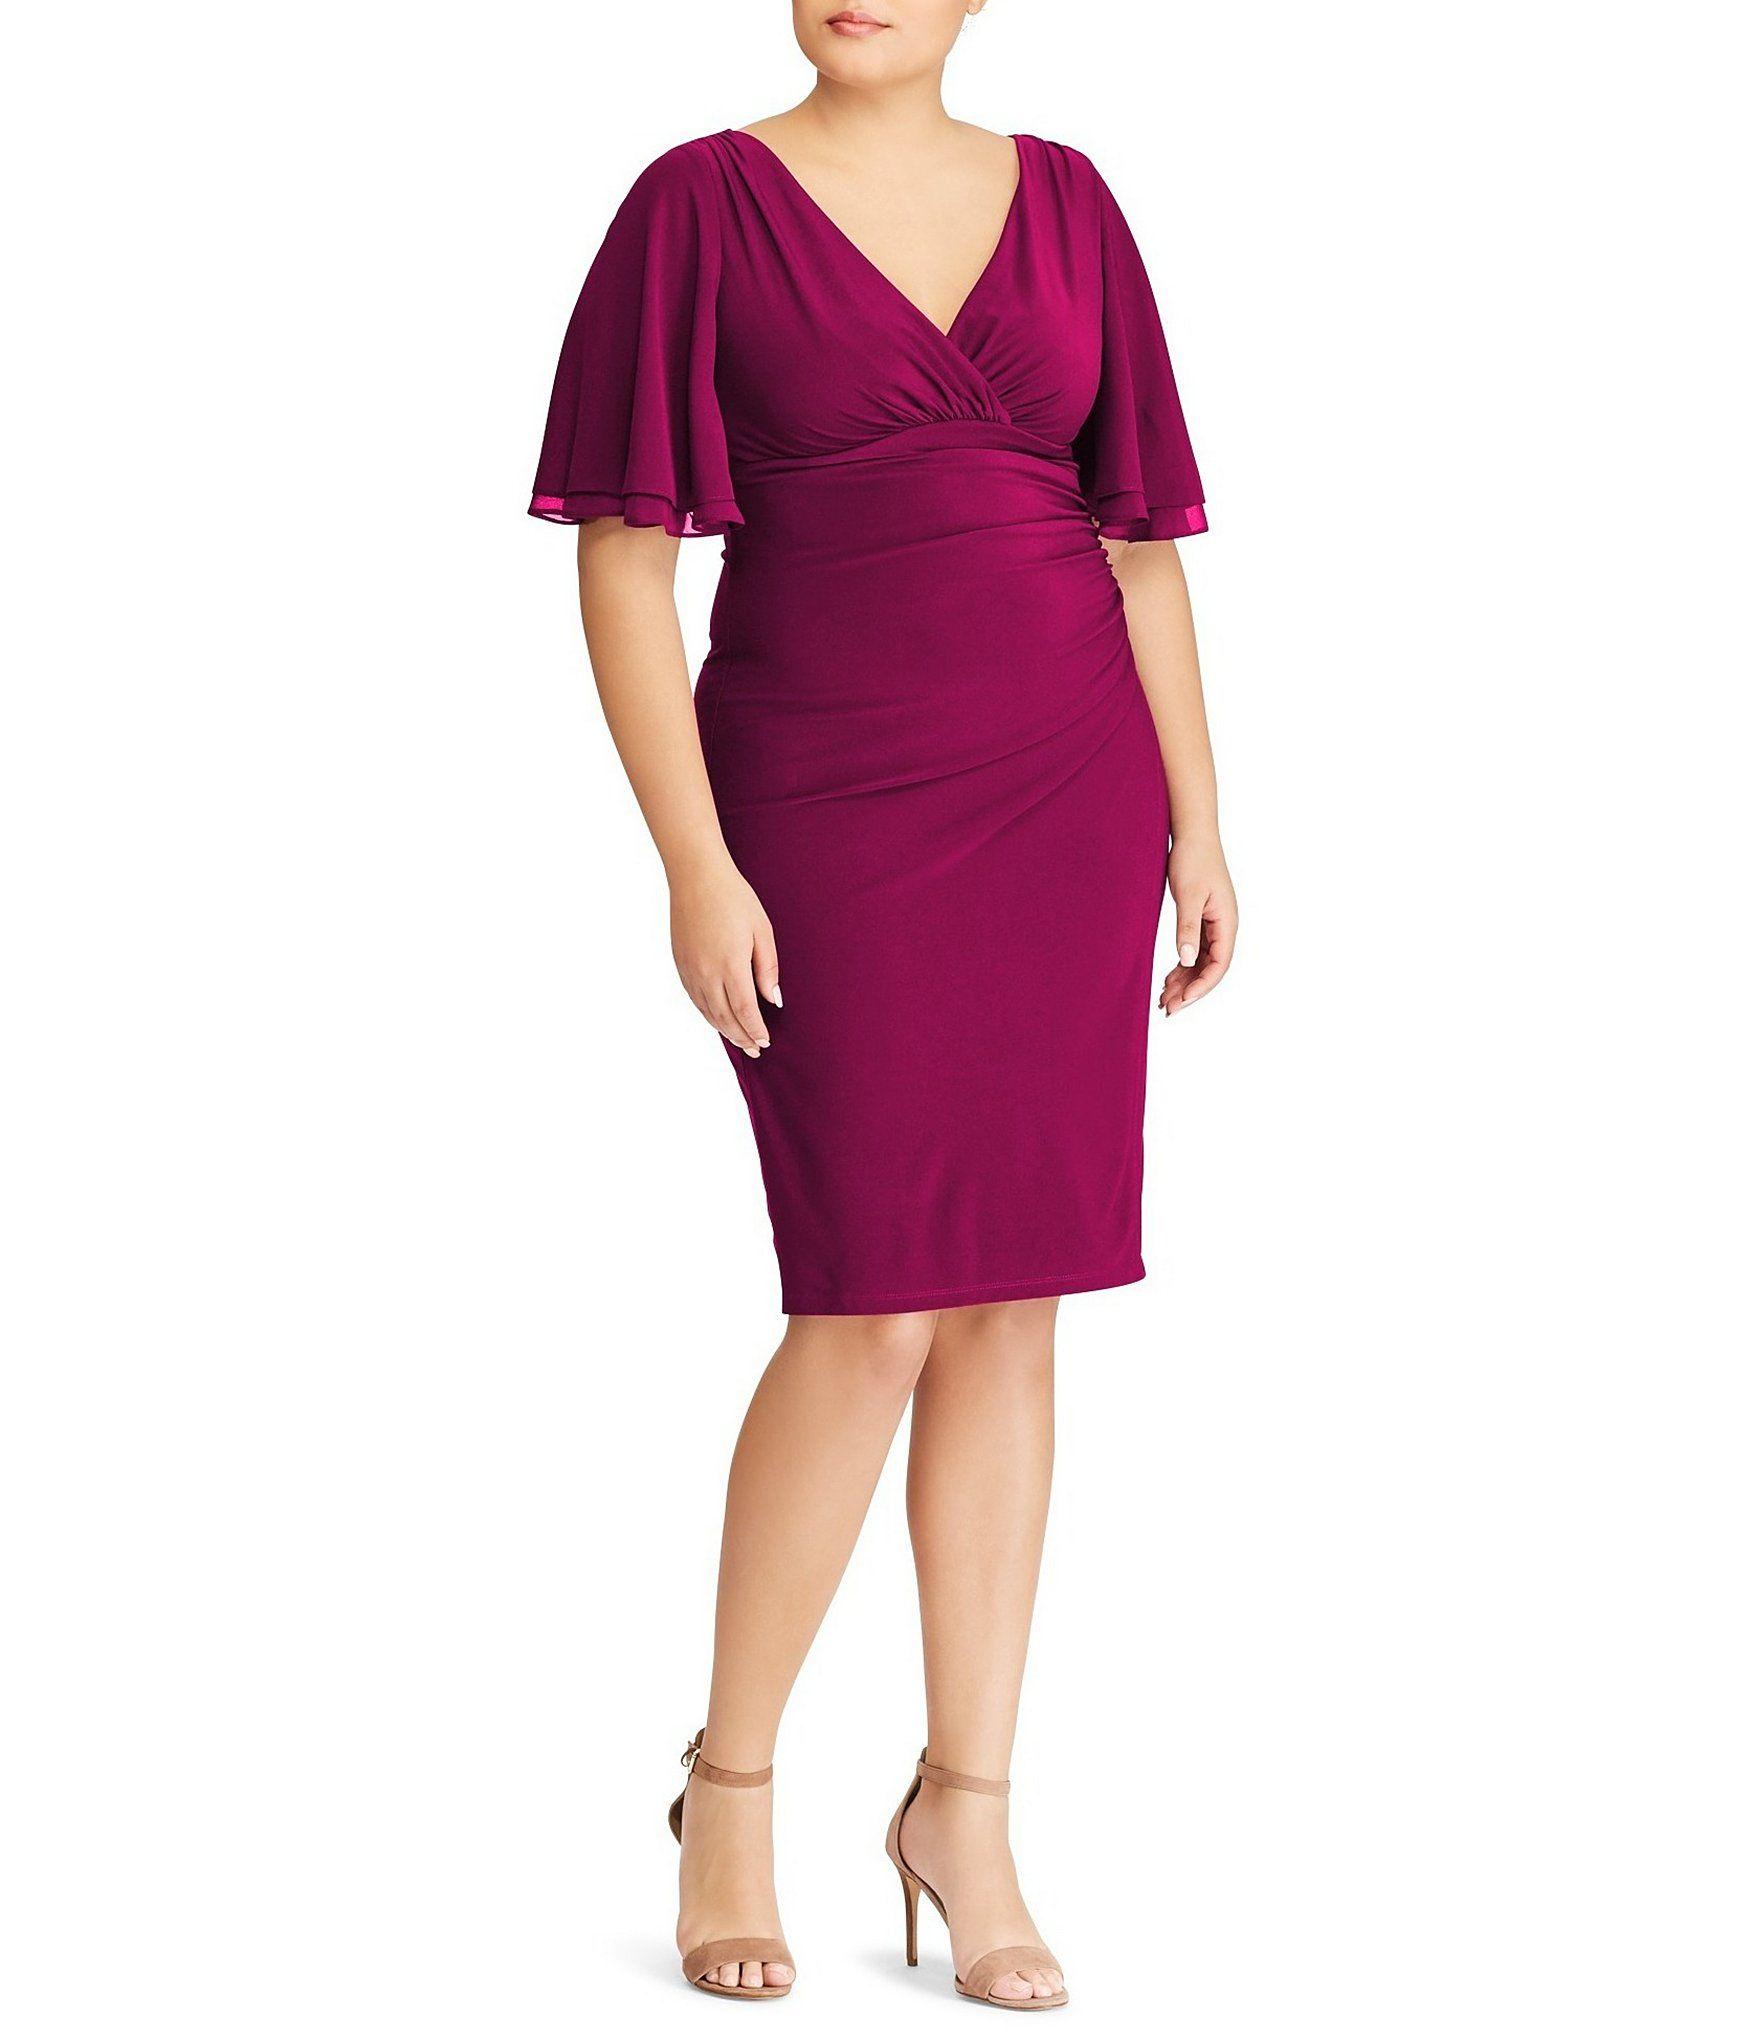 646119b5e893 Lauren Ralph Lauren Plus Size Jersey Flutter Bell Sleeve Dress  Dillards